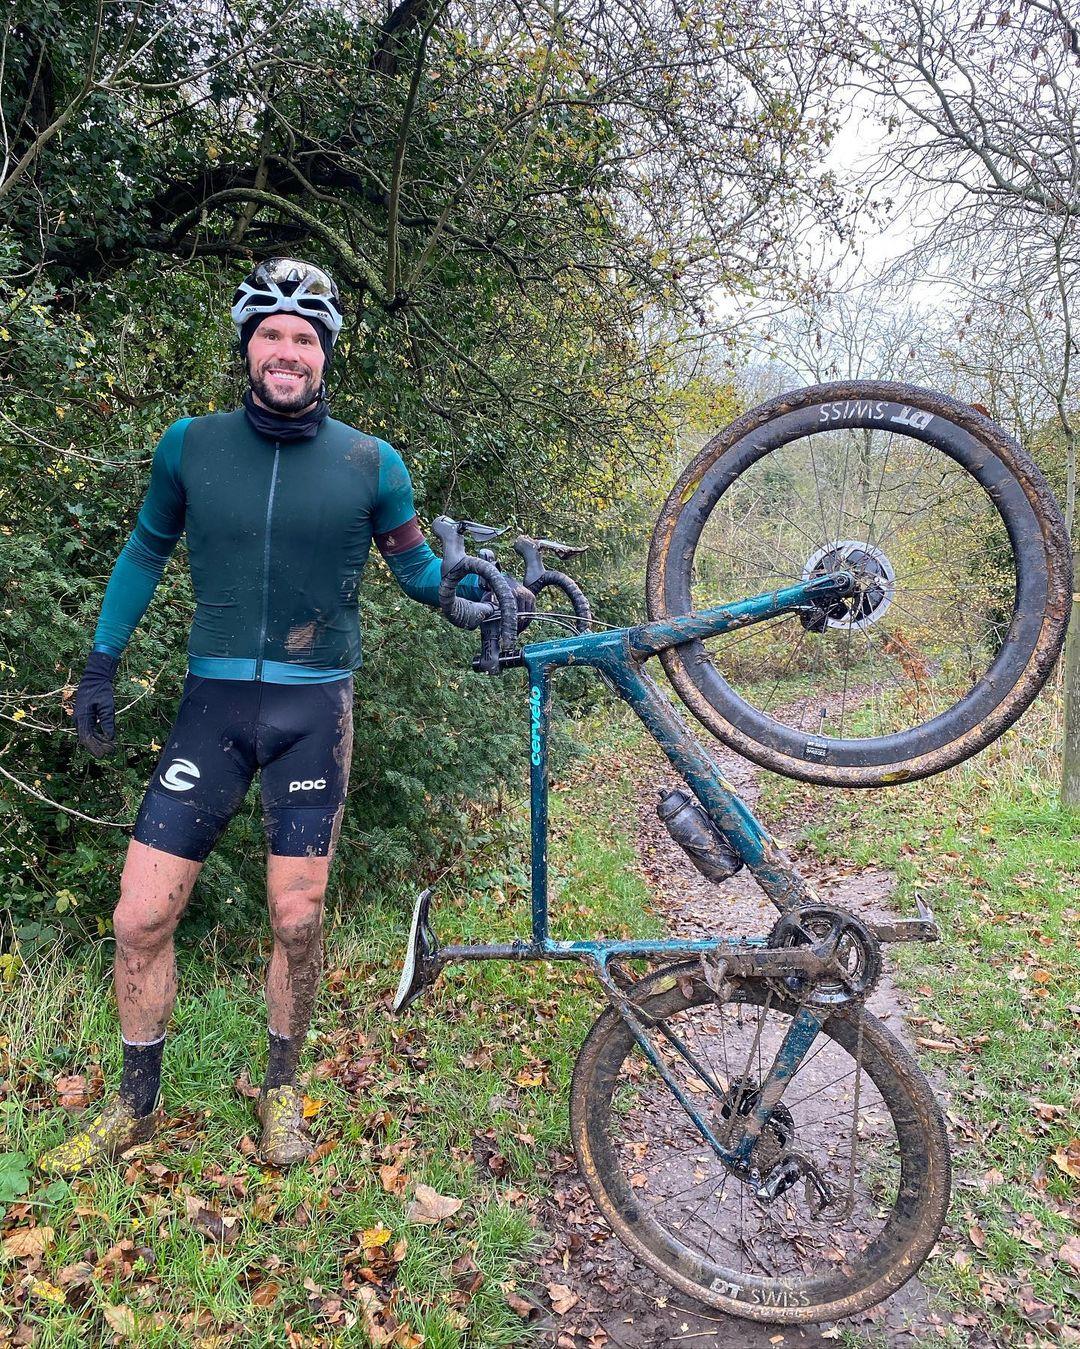 Ben Foster si kolo užívá i v nynějších chladných dnech. A přiznává, že občas není nouze o pády. Foto: instagram Bena Fostera